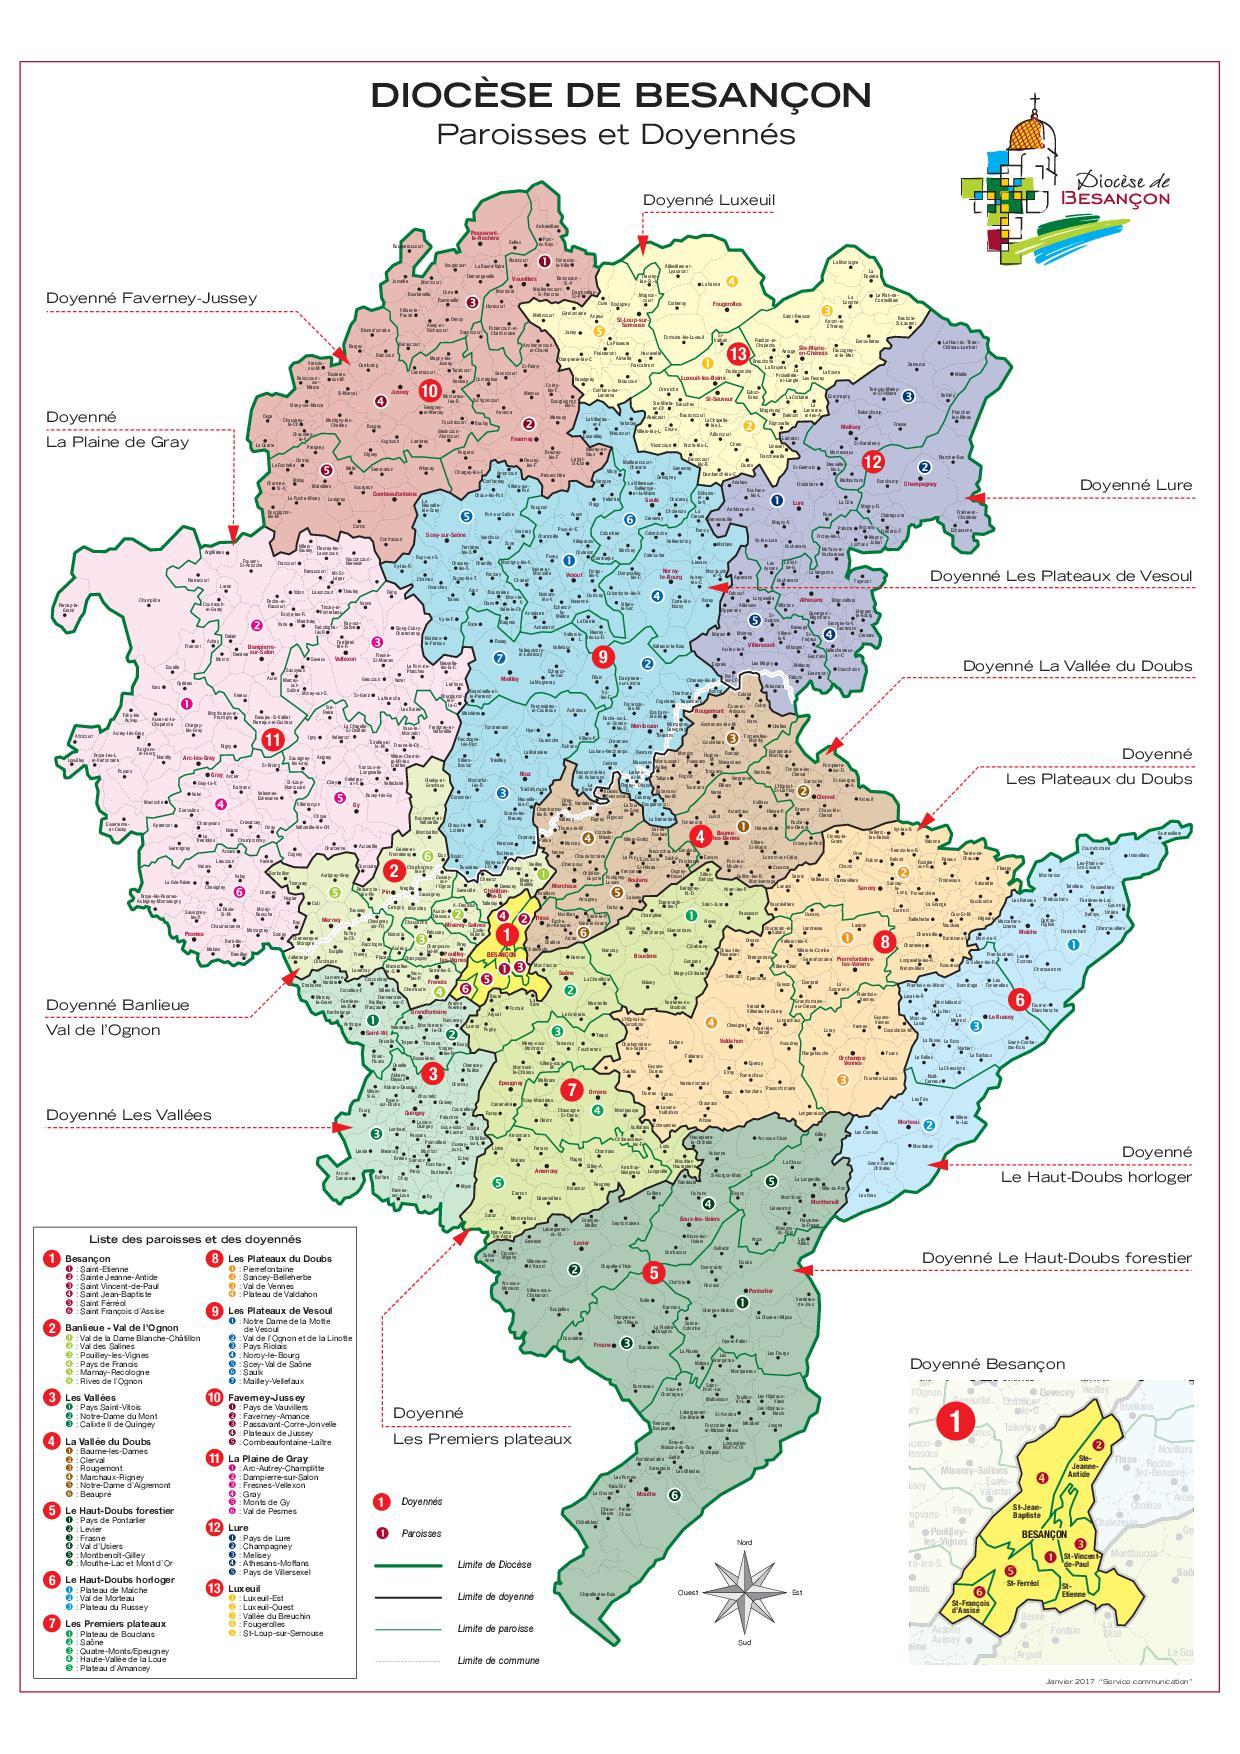 Cartes du diocèse de Besançon - Riposte-catholique